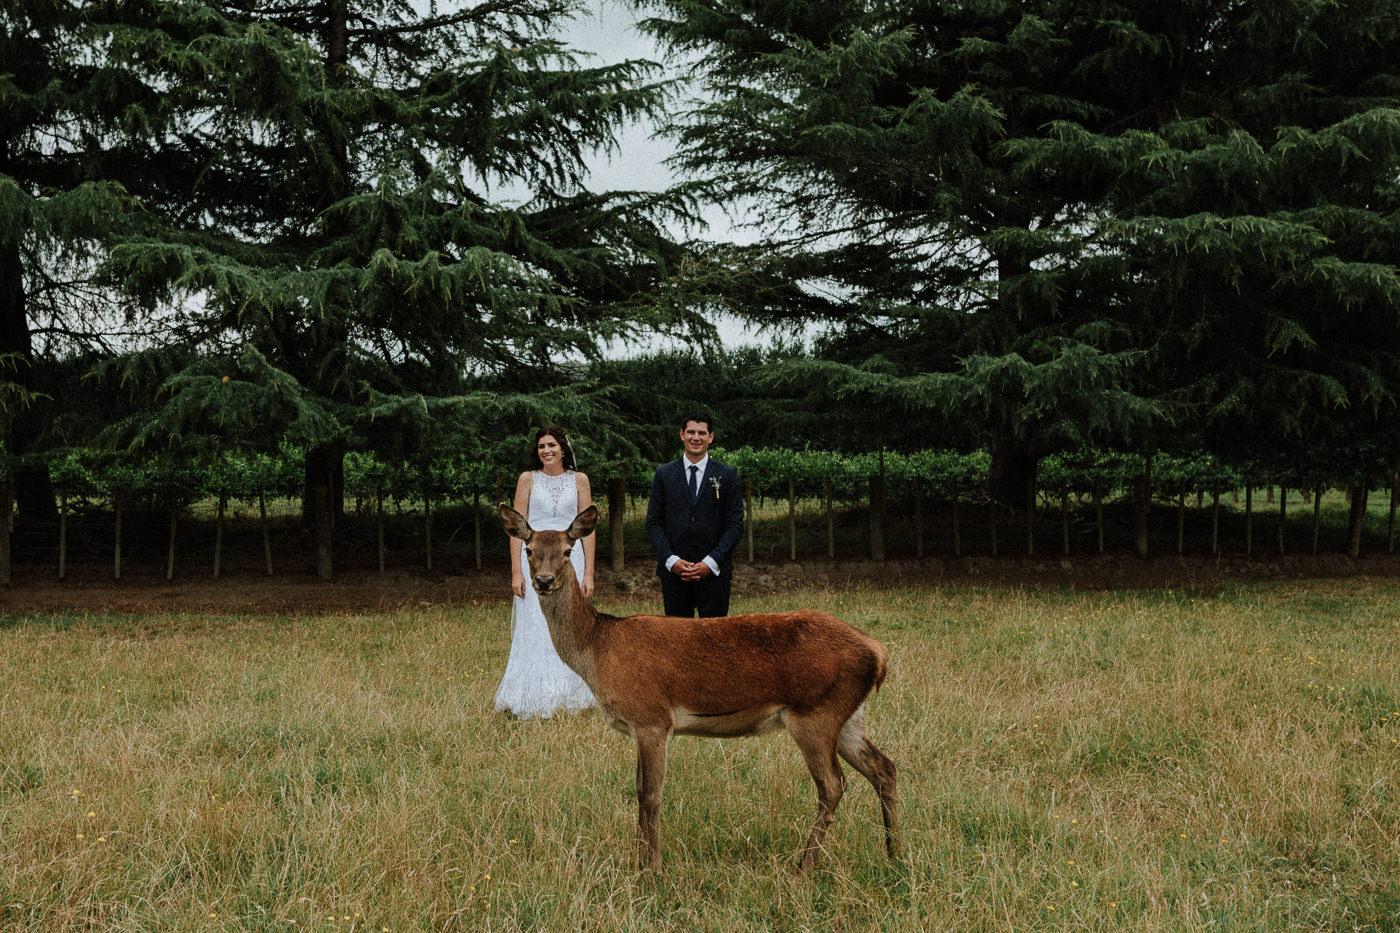 nz_wedding_photographer_gisborne-1056.jpg